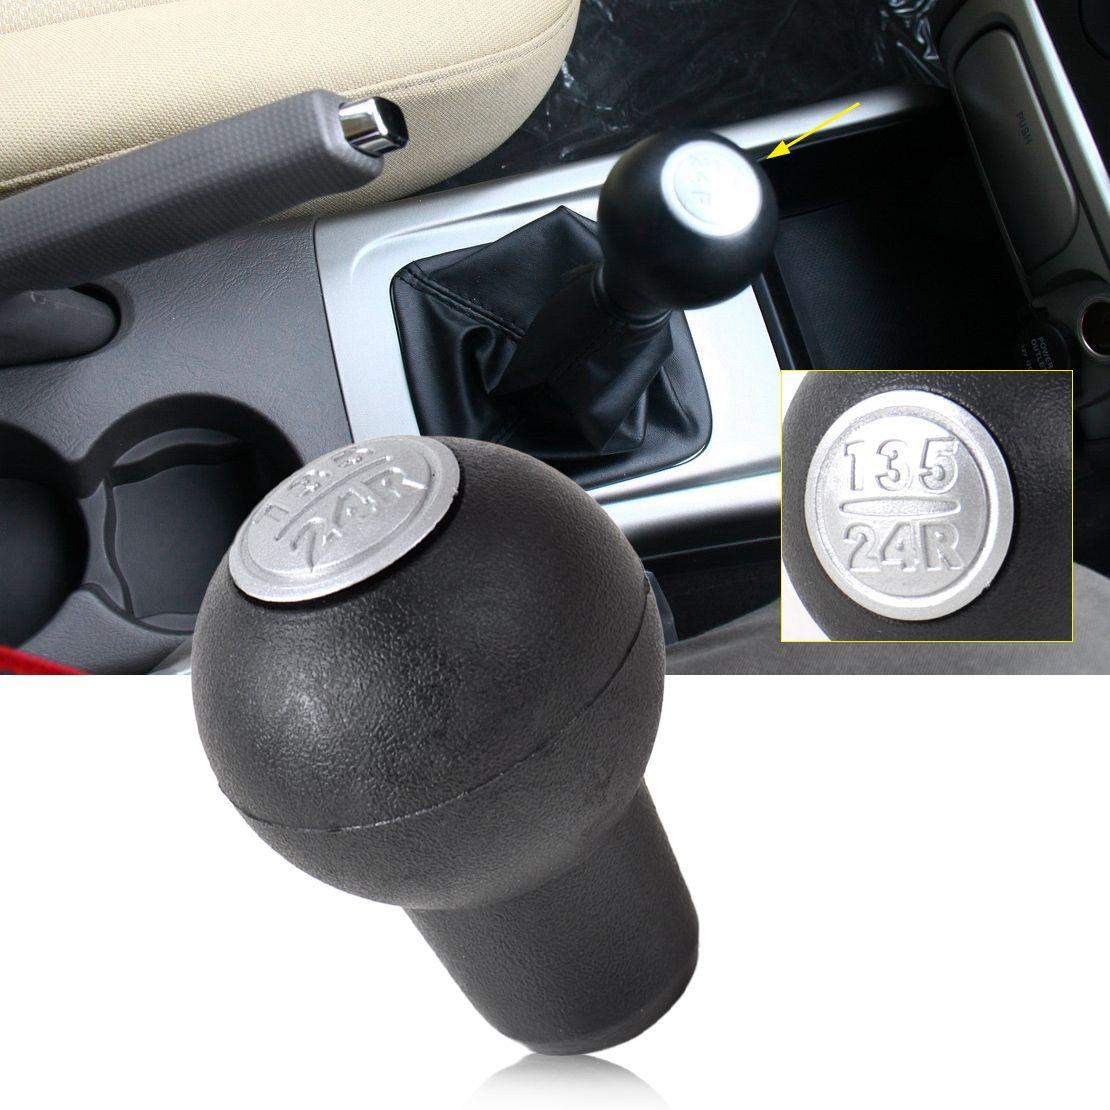 DWCX 5-Speed MT Gear Stick Shift Knob for Hyundai Elantra/ Avante XD 2001 2002 2003 2004 2005 2006